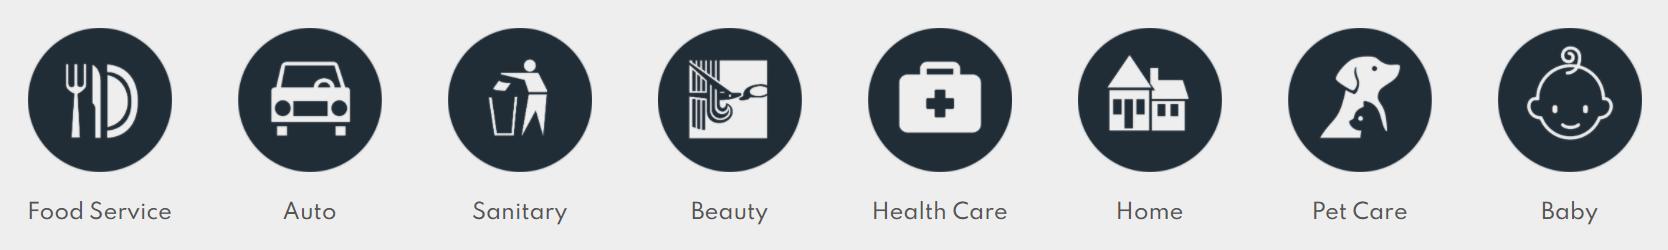 EnviroGlove applications